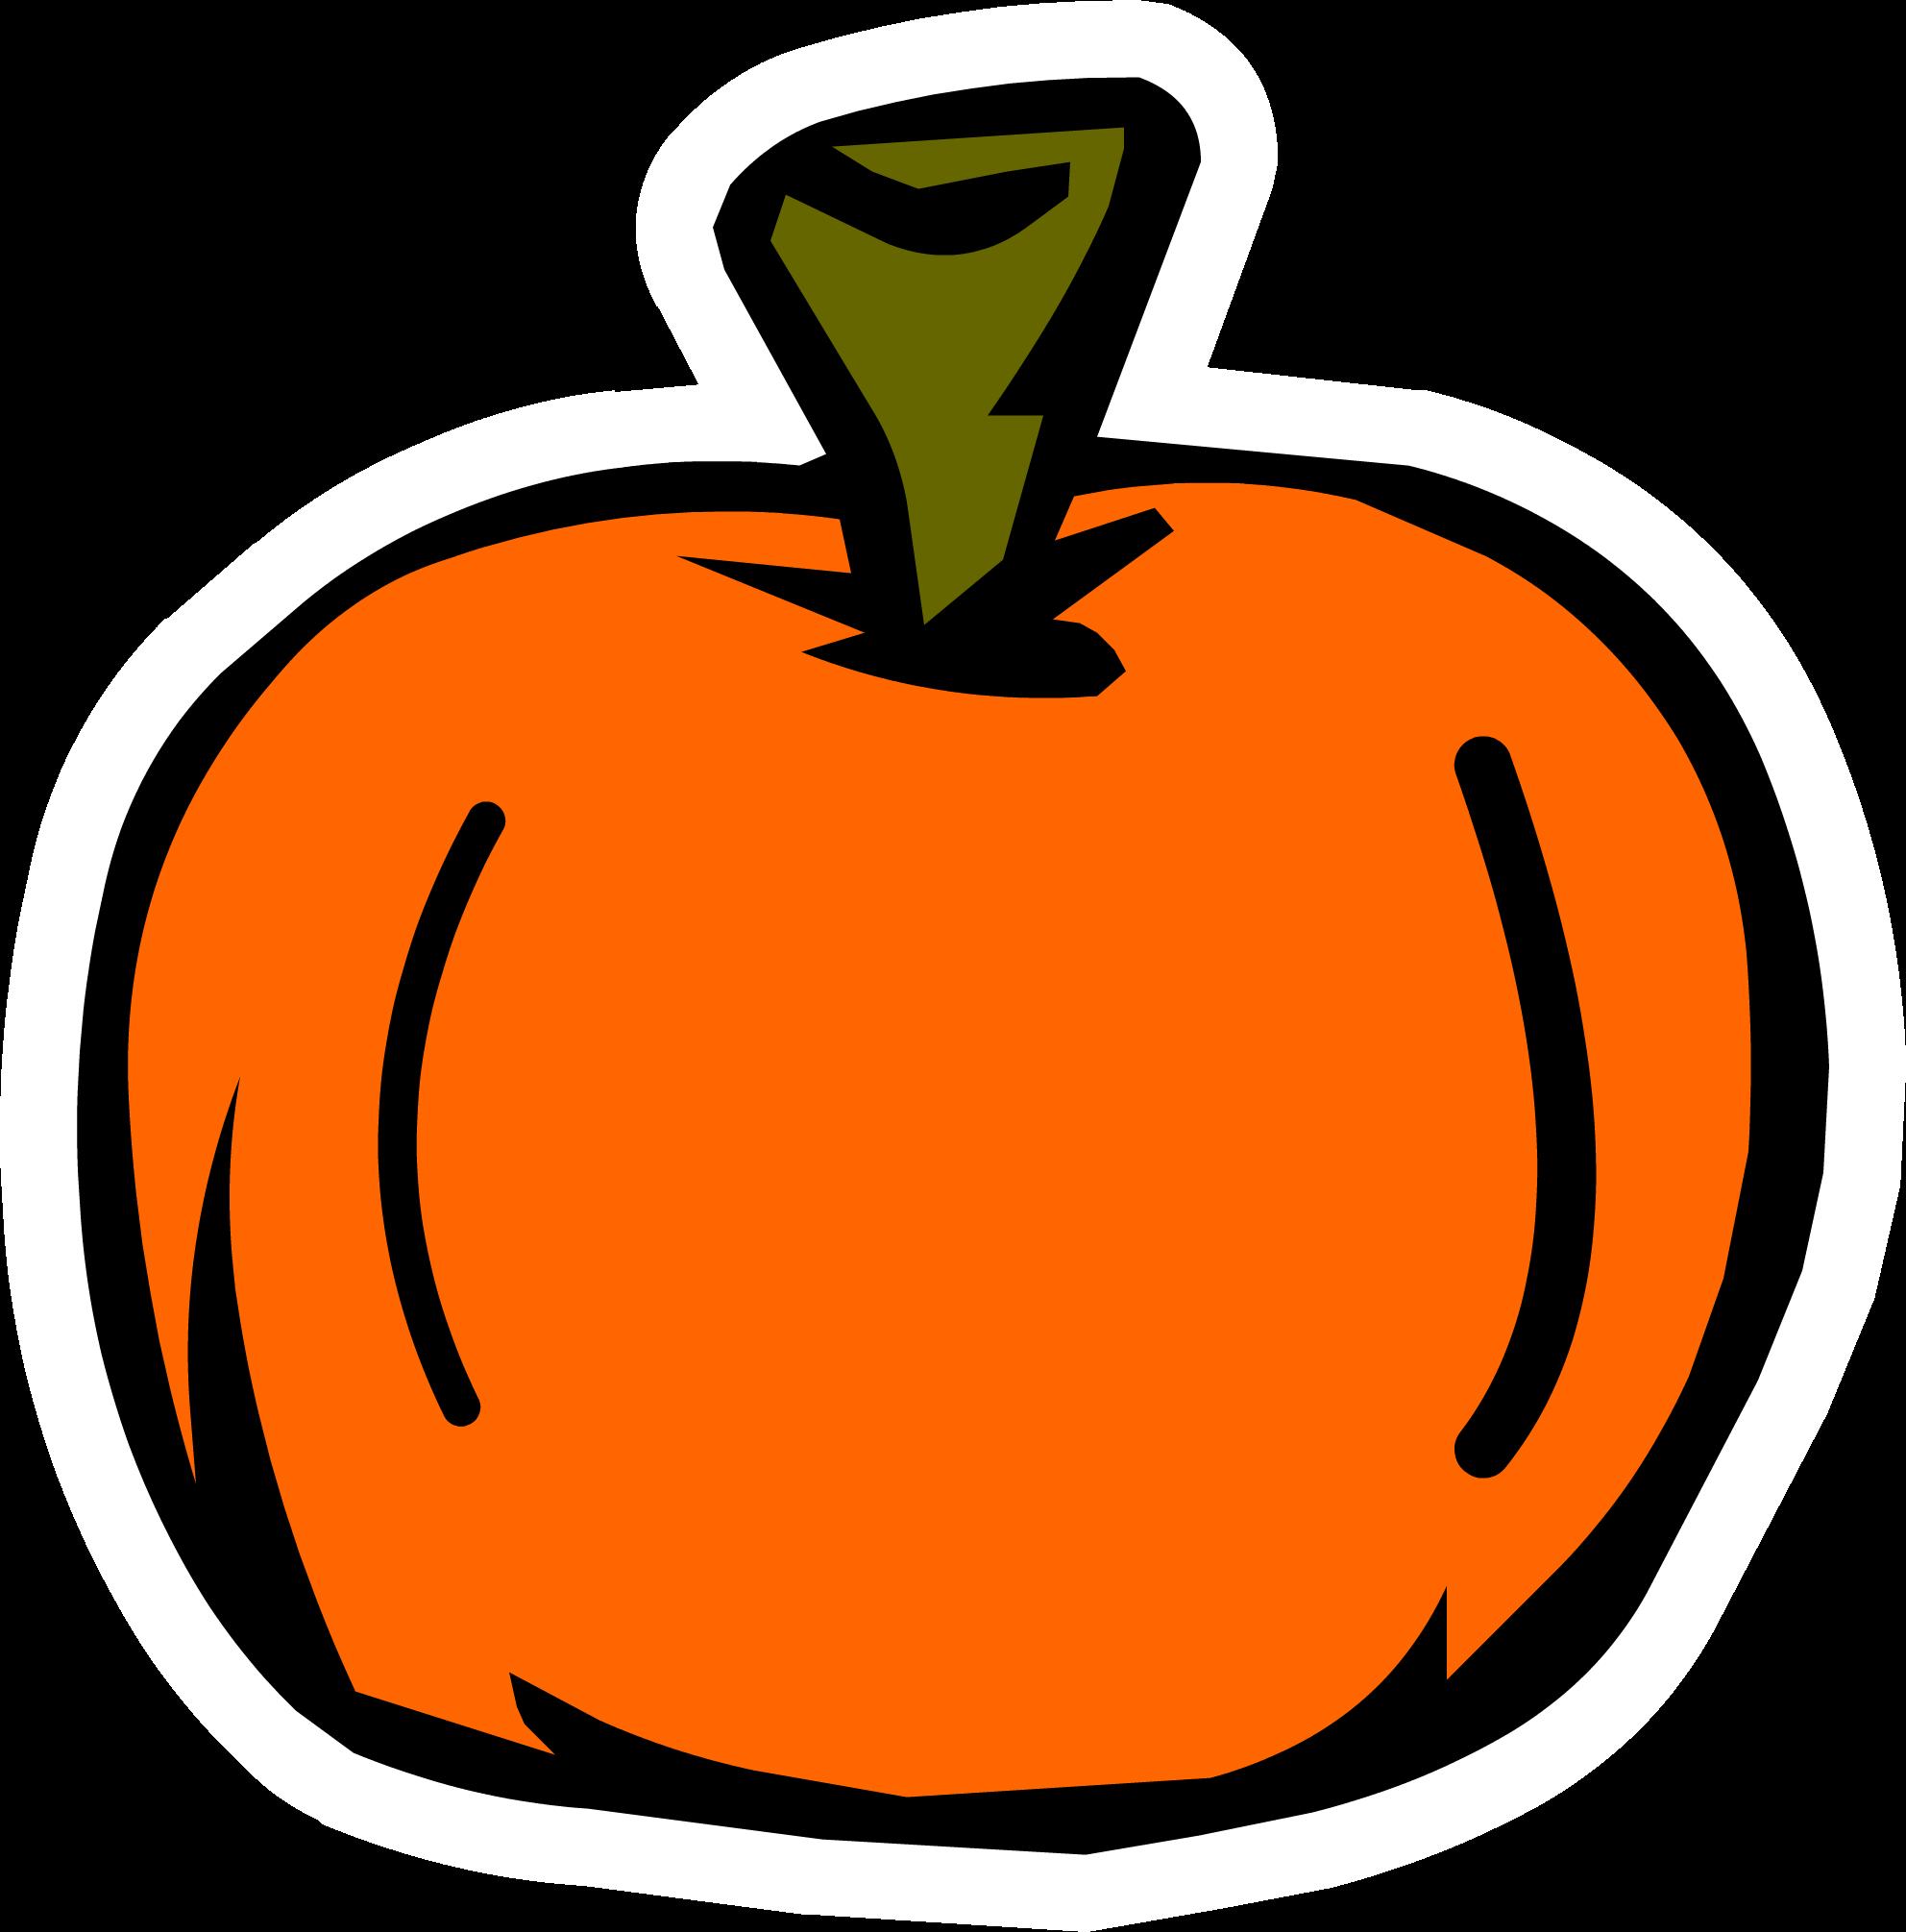 Clipart halloween penguin. Pumpkin pin club rewritten